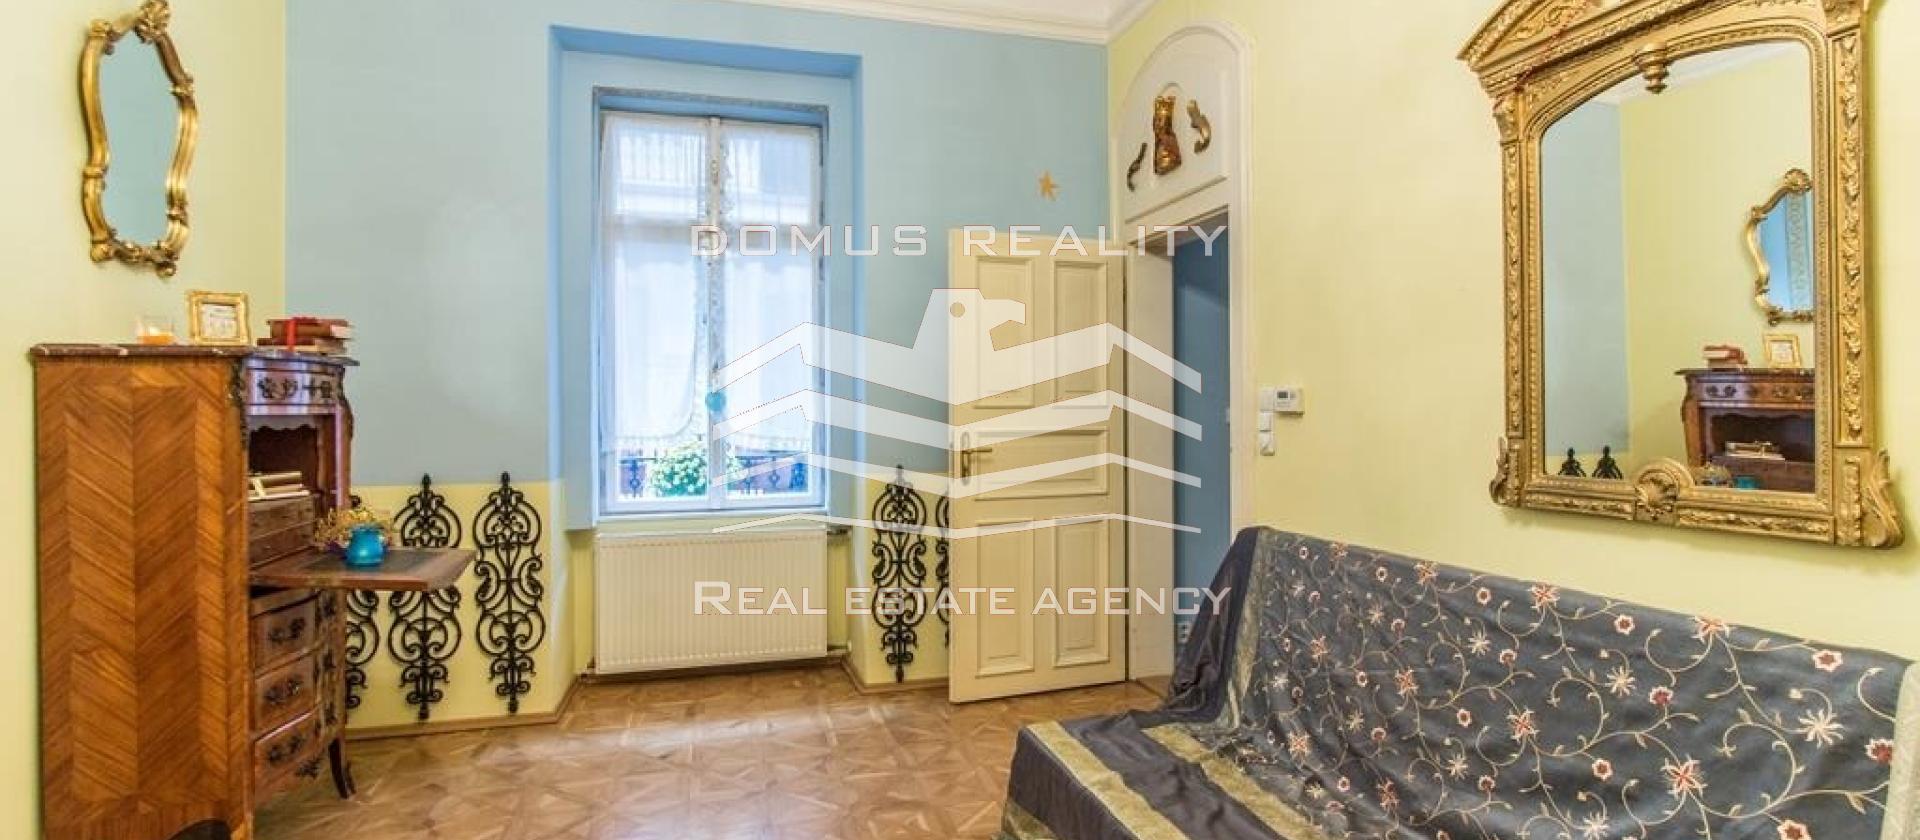 Krásný světlý a tichý byt 4+1 (90m²)s balkónem (13m²) na Malé Straně u parku Kampa